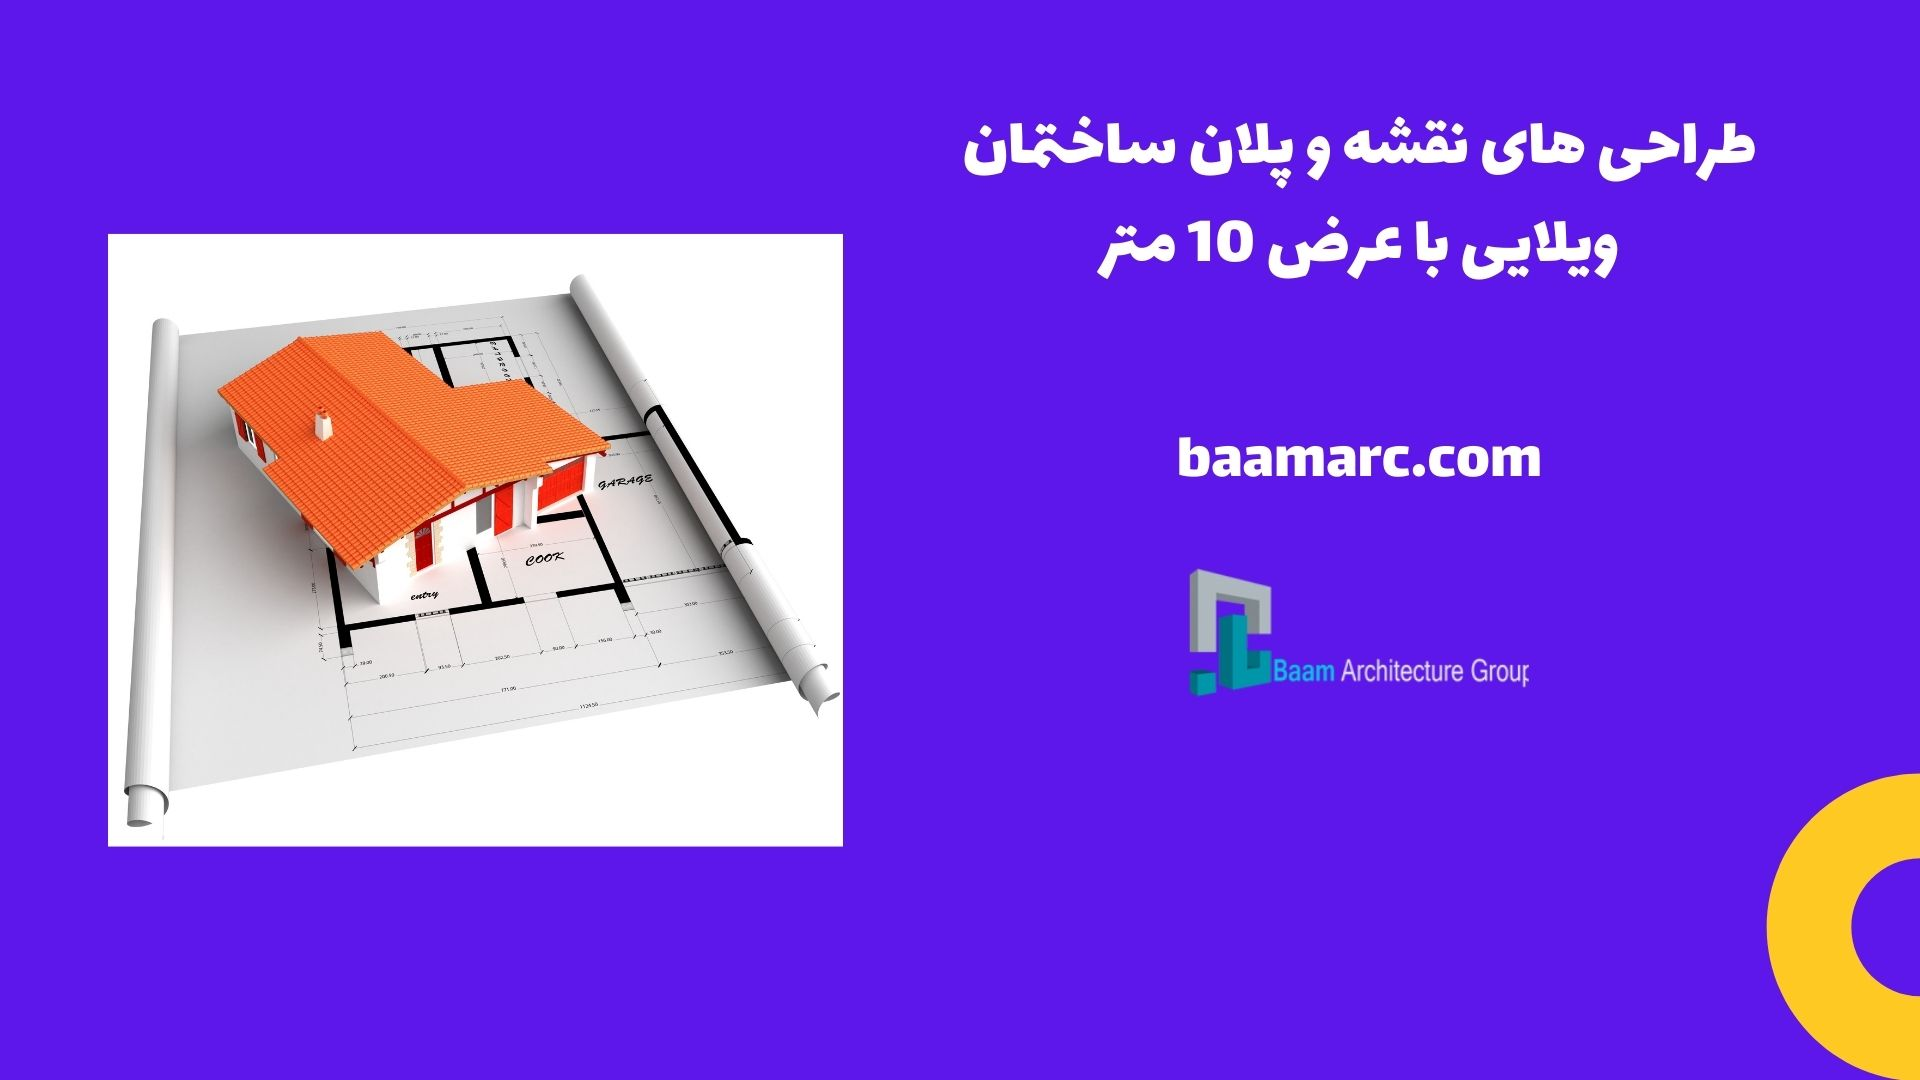 طراحی های نقشه و پلان ساختمان ویلایی با عرض 10 متر